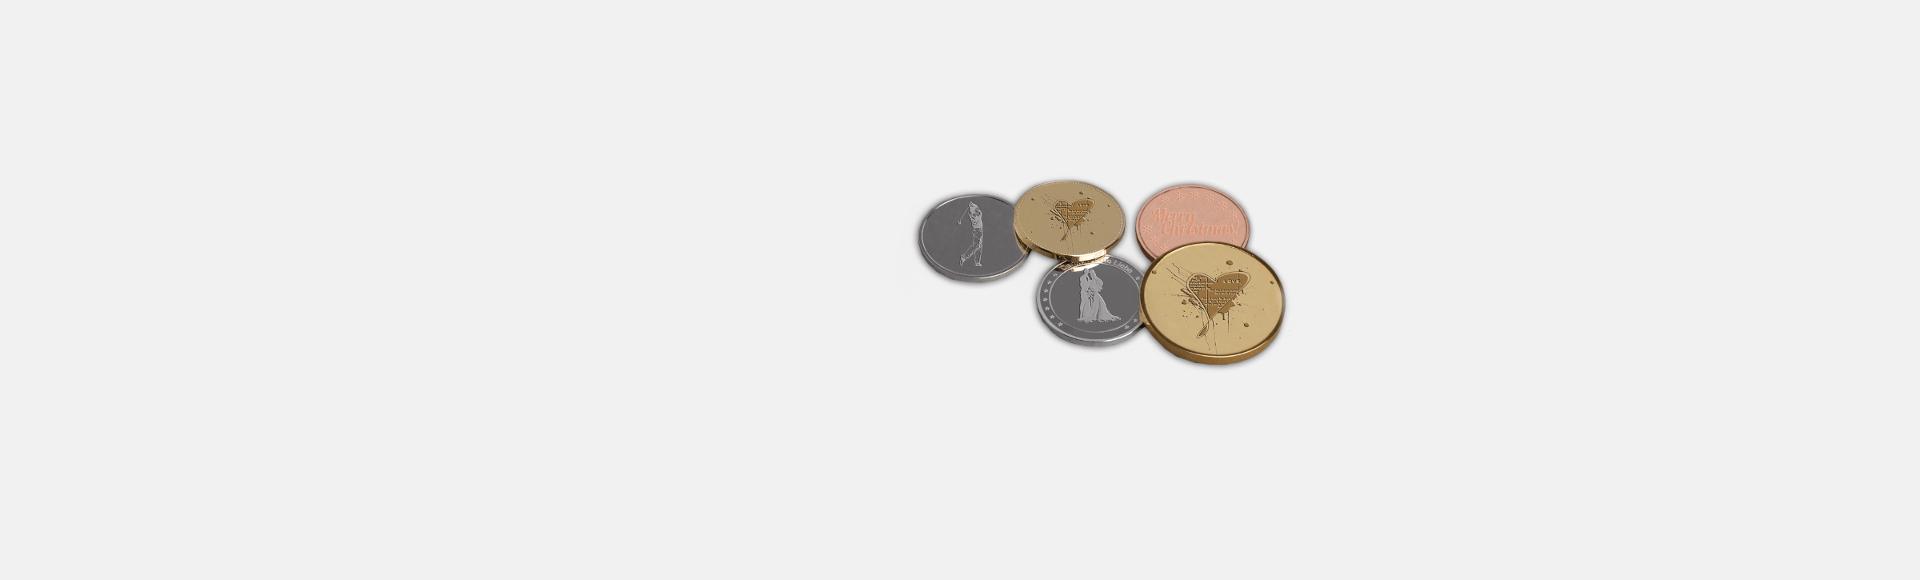 Gedenkmünzen erstellen